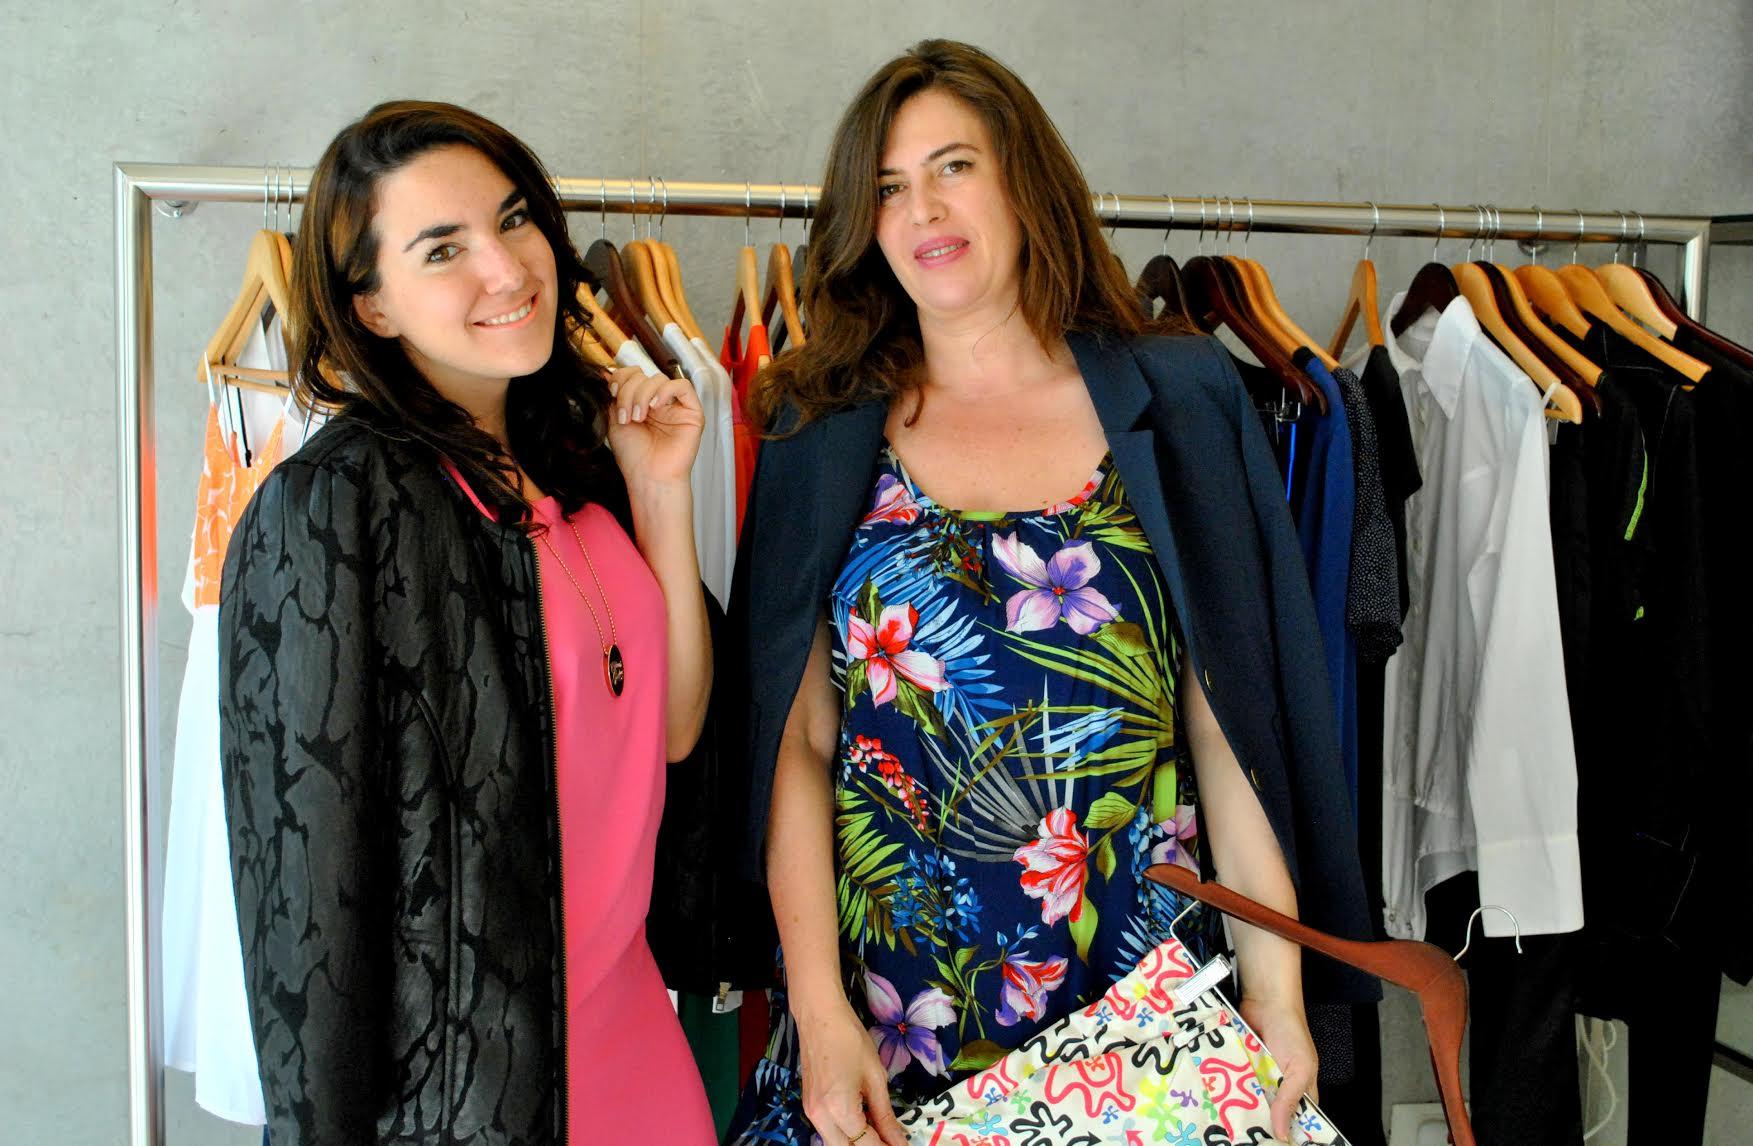 Sieben Mode: Comercio justo y talles reales